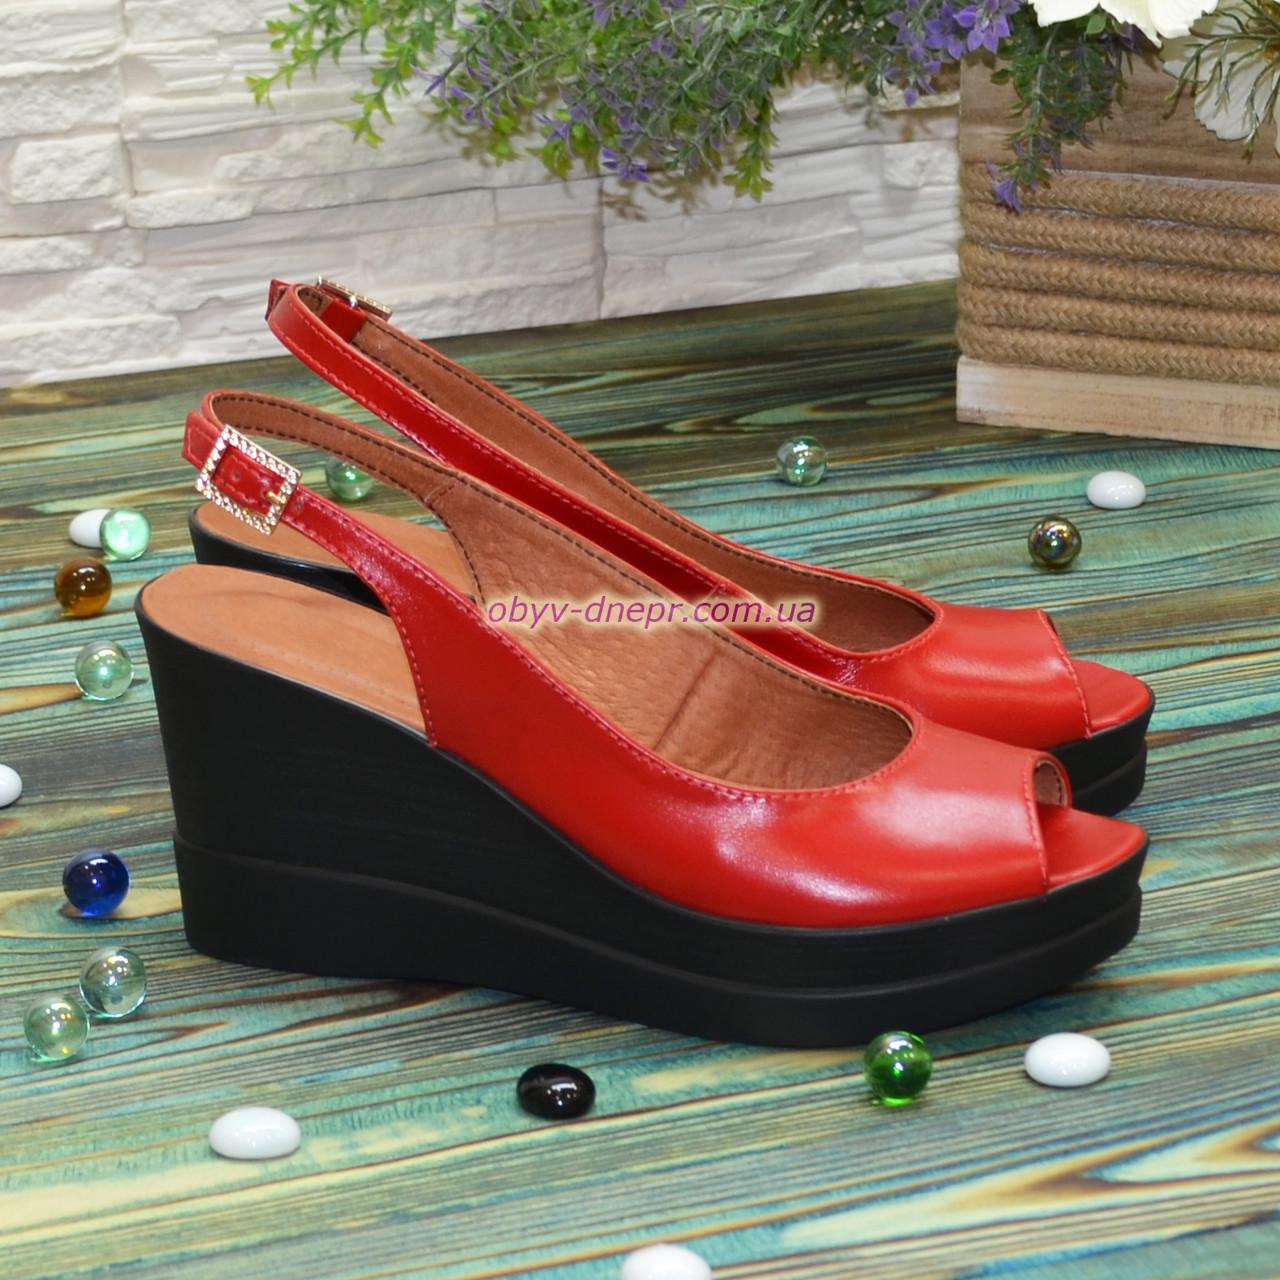 Босоножки женские кожаные на устойчивой платформе, цвет красный